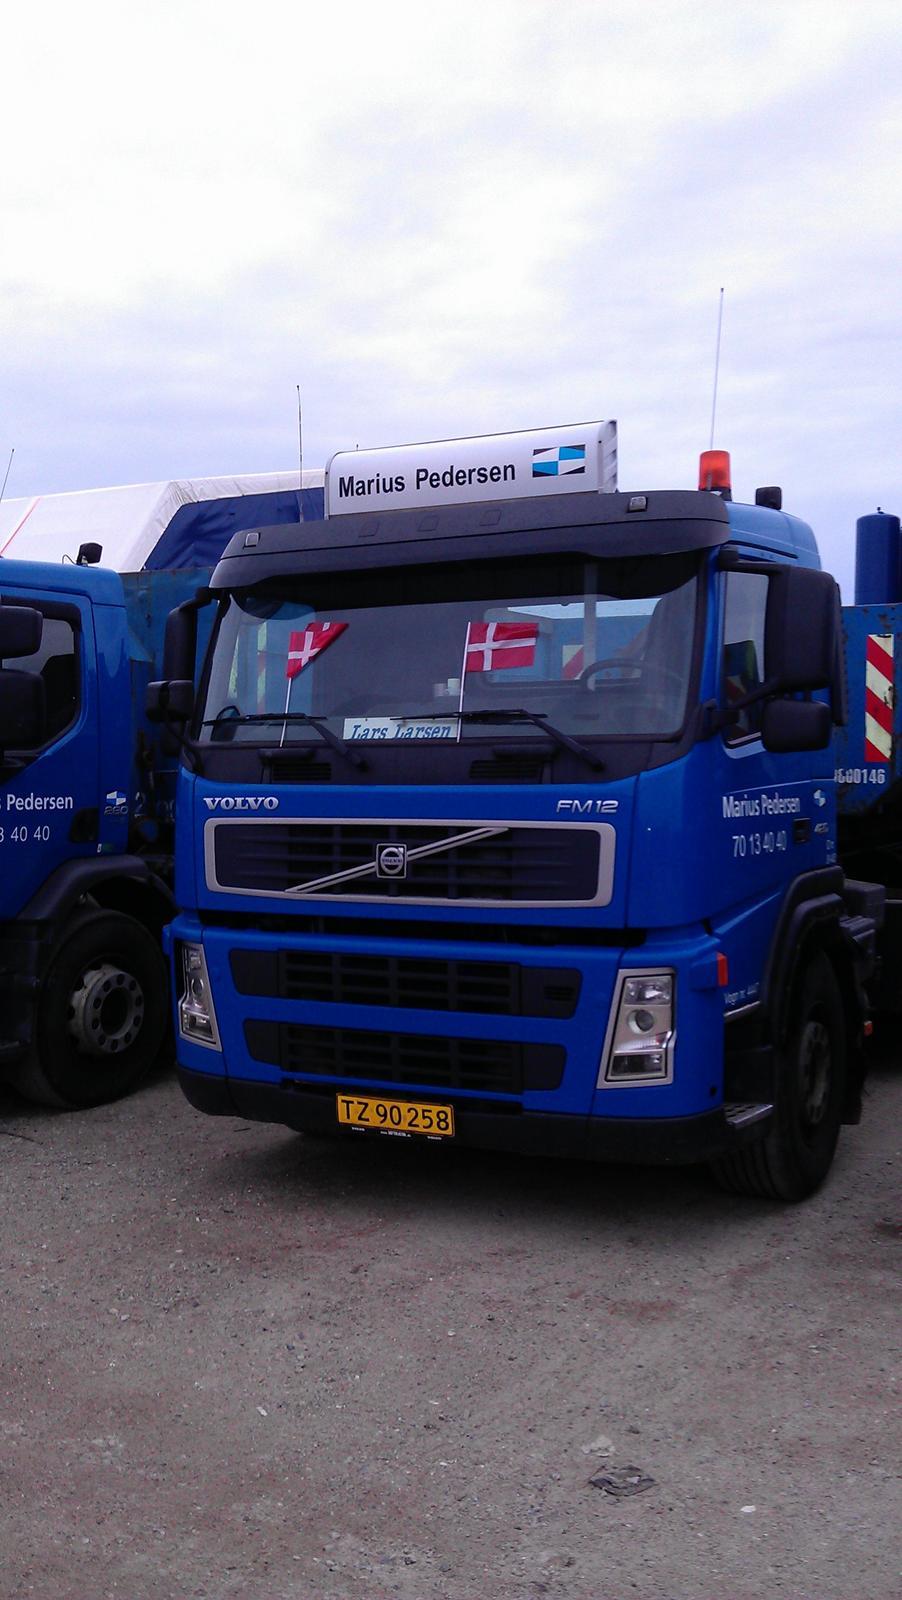 Billeder fra min tid ved Marius Pedersen, Esbjerg - Diverse lastbil - Fotos fra Smølfen